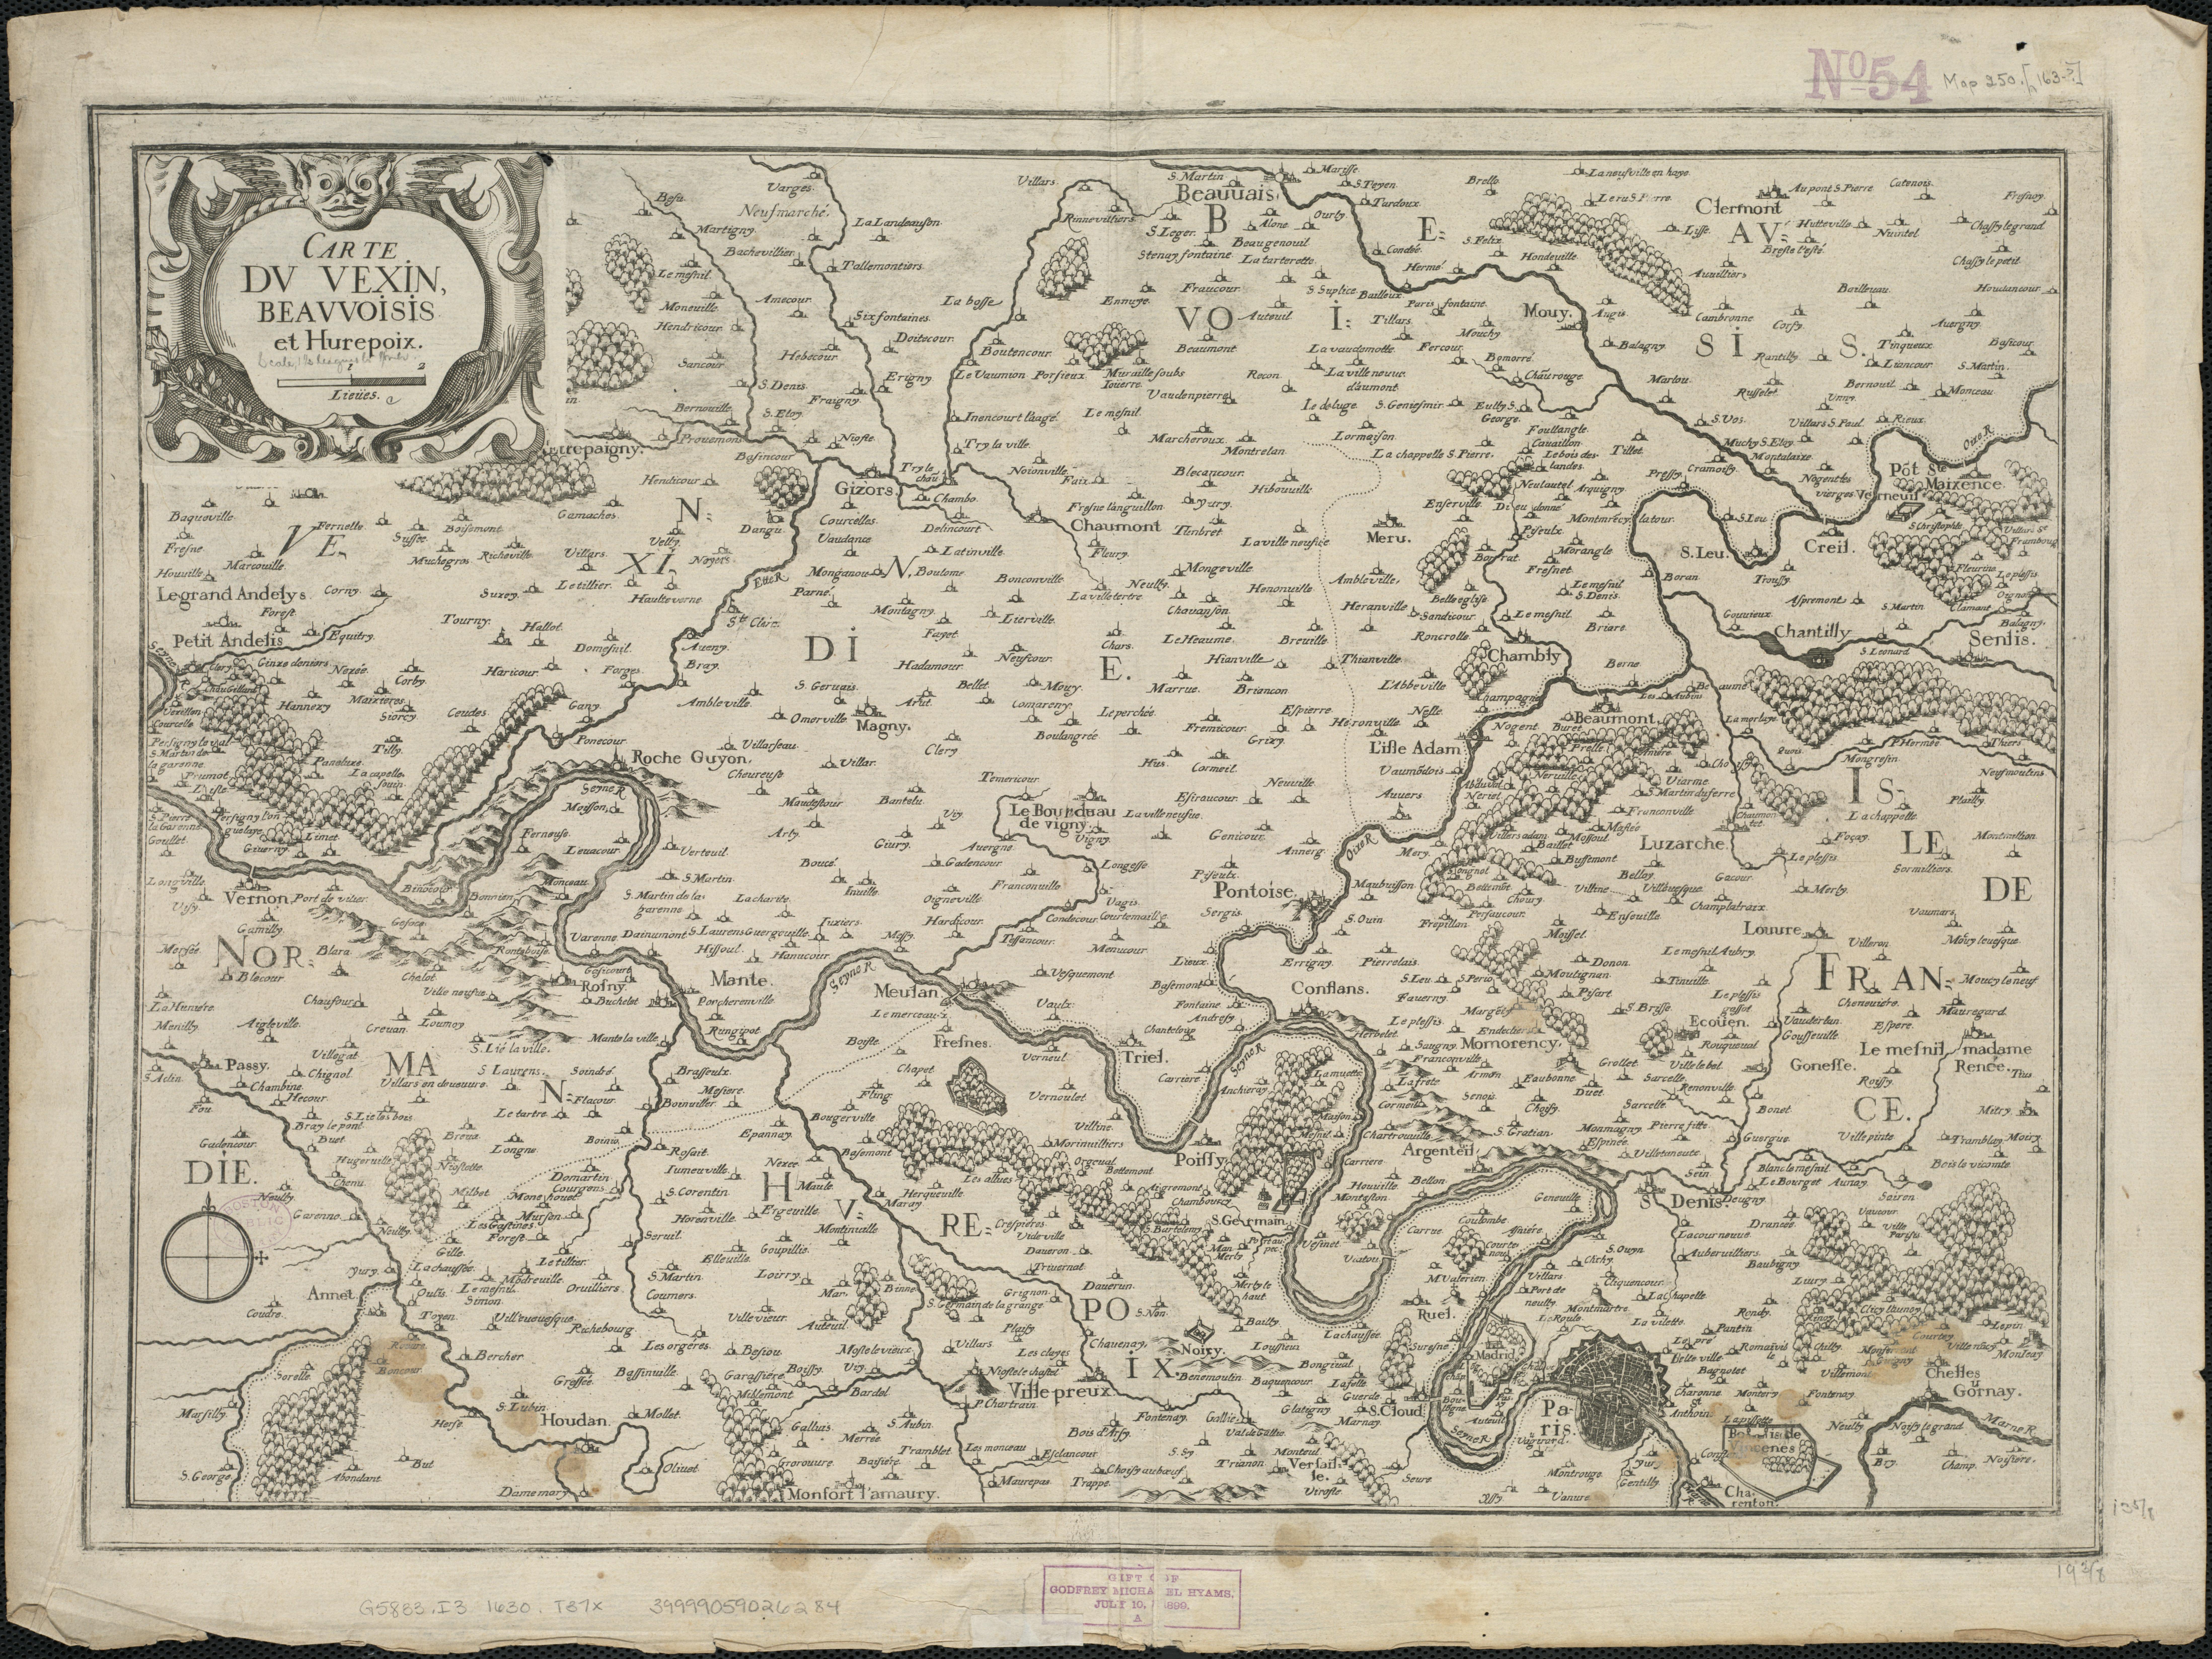 Carte du Vexin Beauvoisis et Hurepoix - 1634